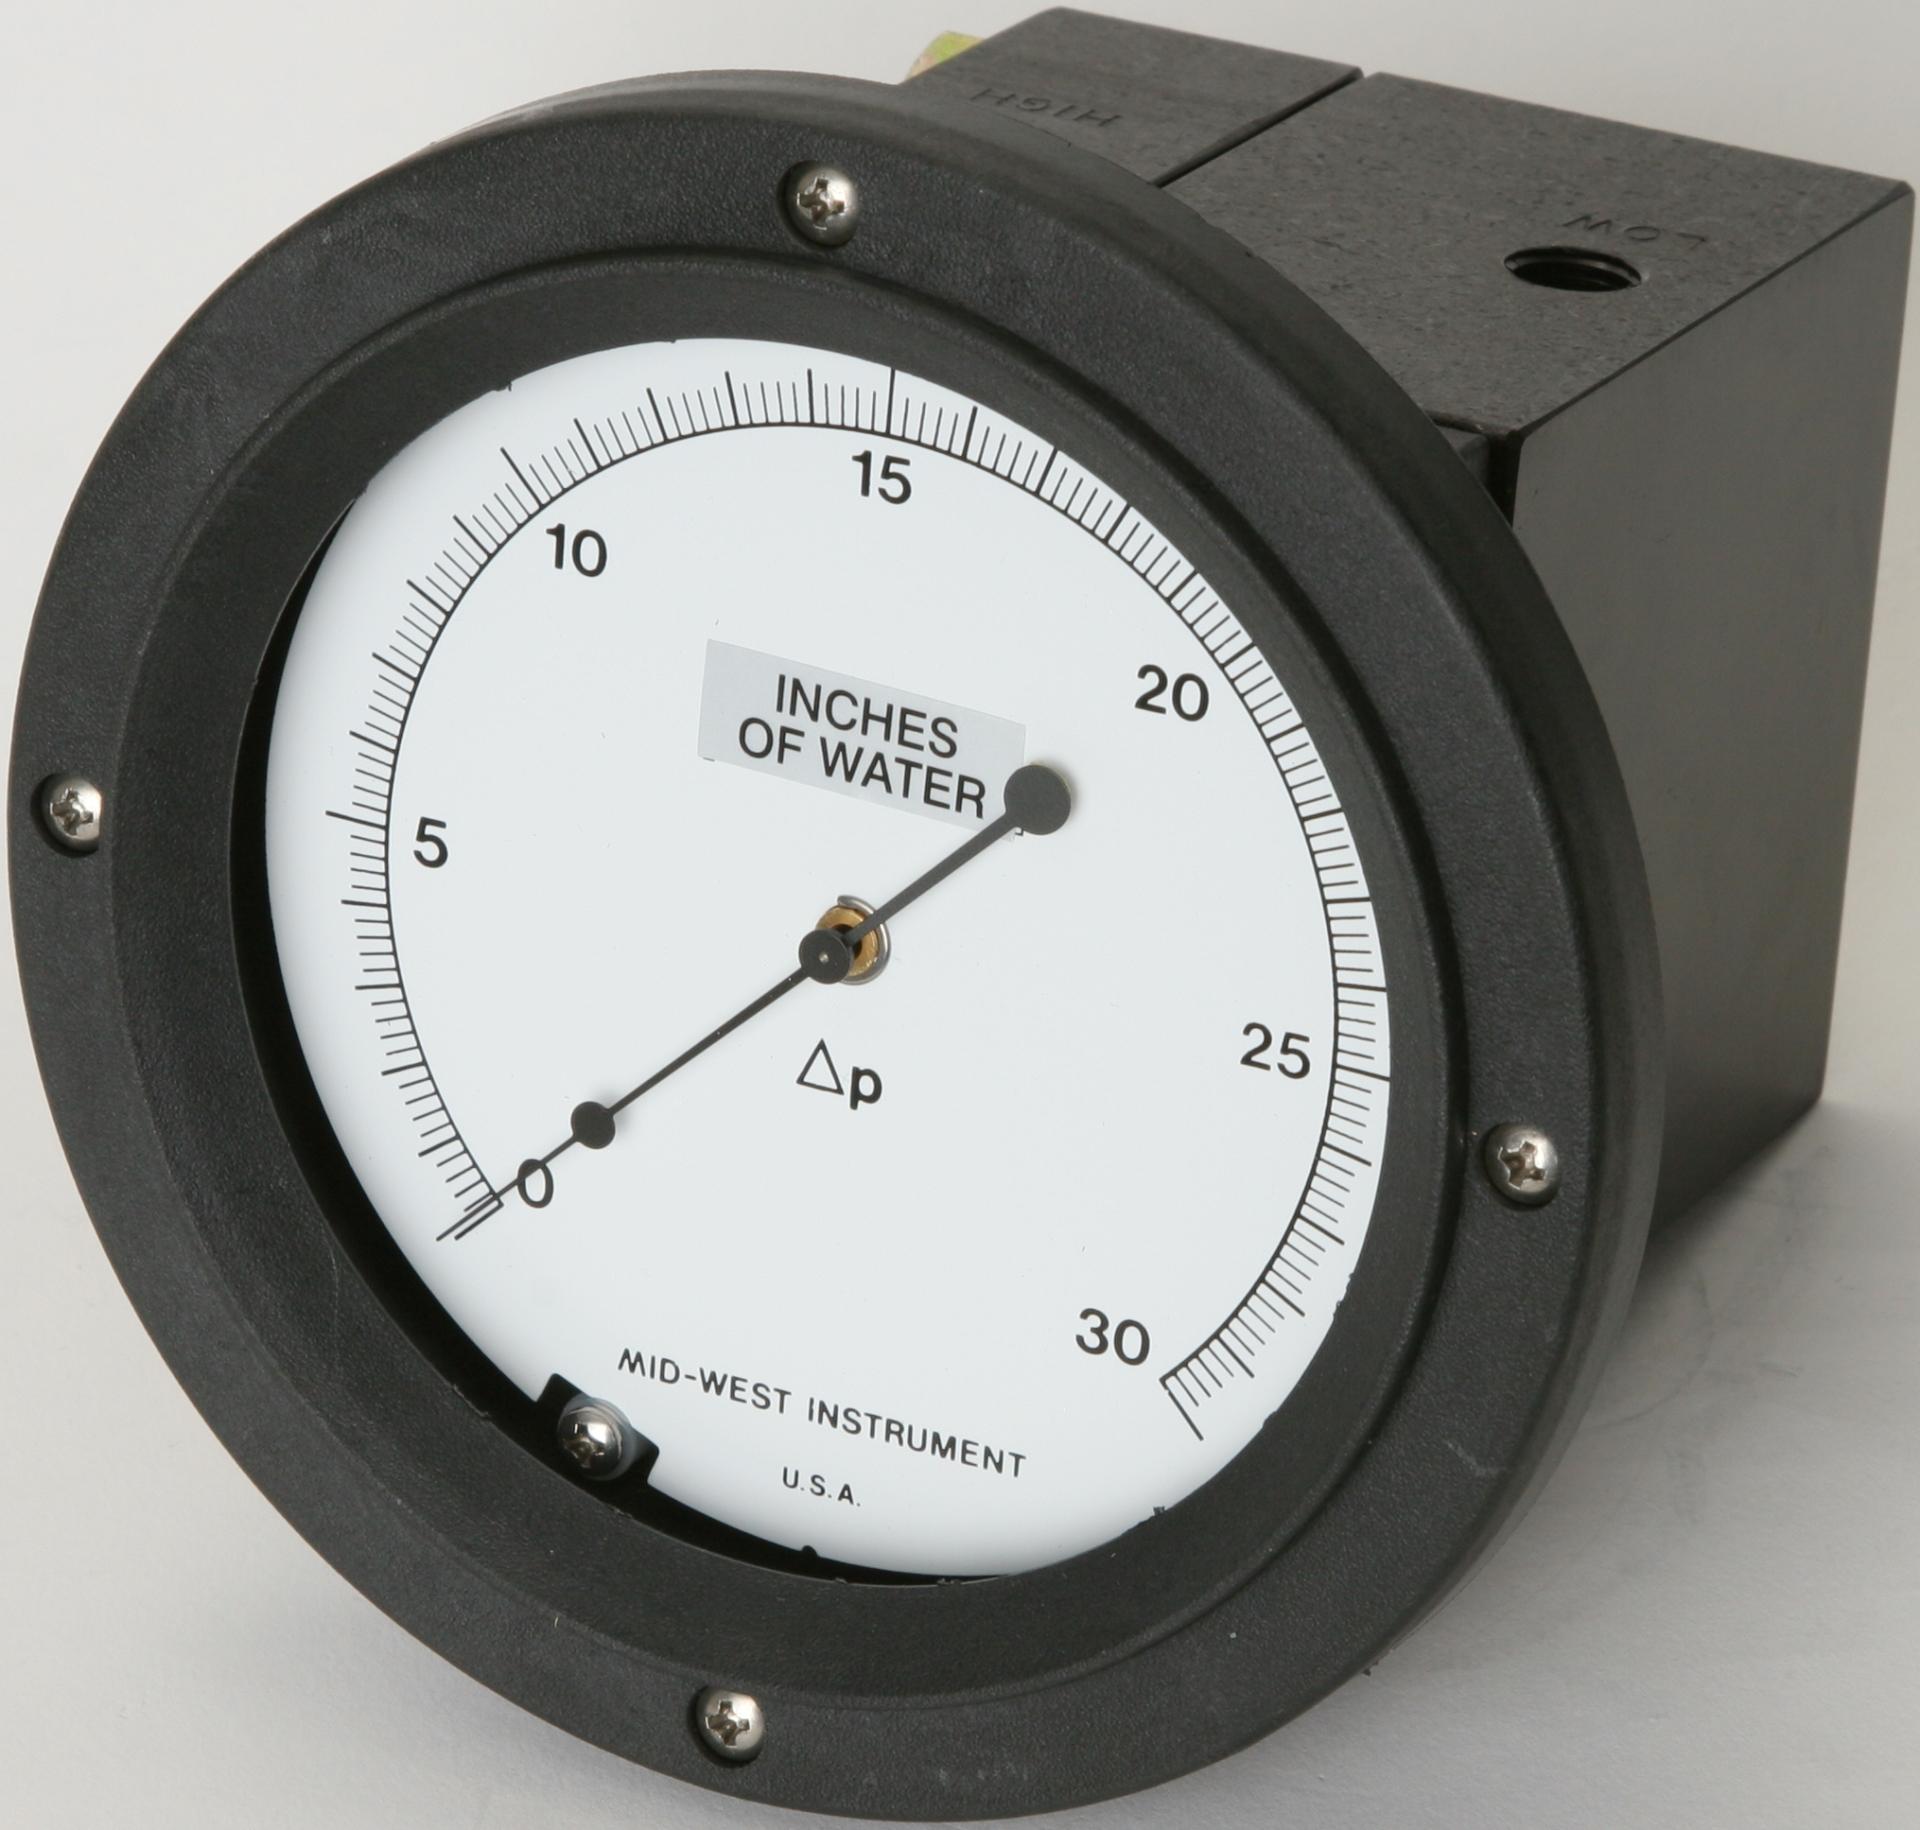 Filtervakt differential pressure DP sensor gauge protector manometer fra Mid-West model 105